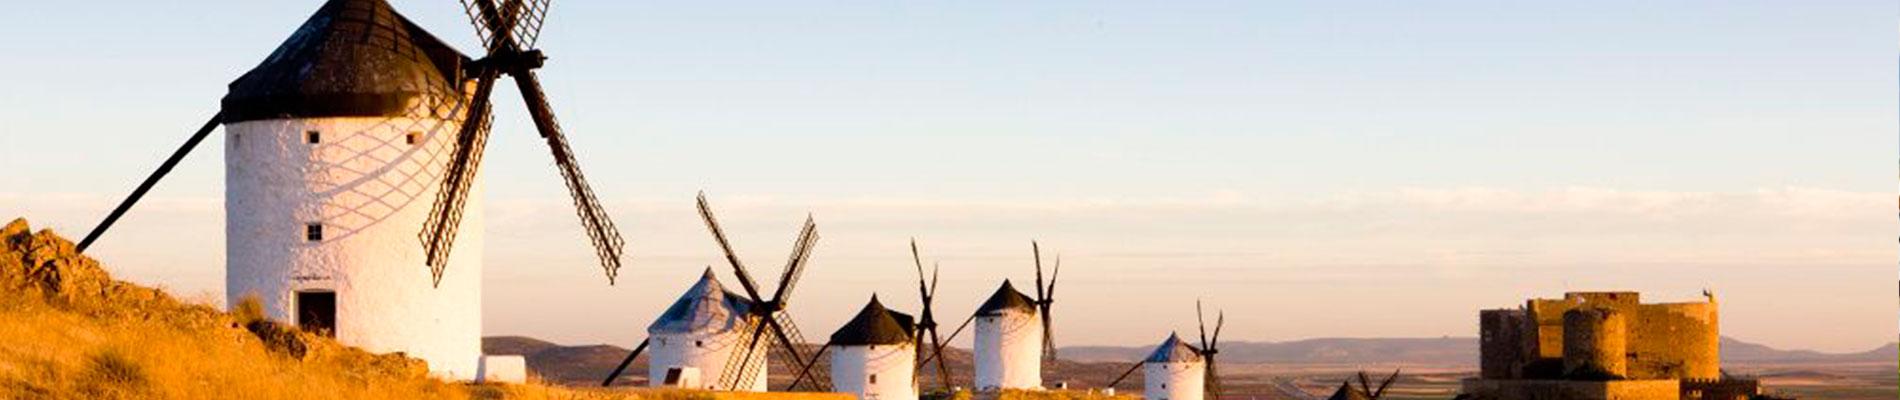 castilla-la-mancha-consuegra-moulins